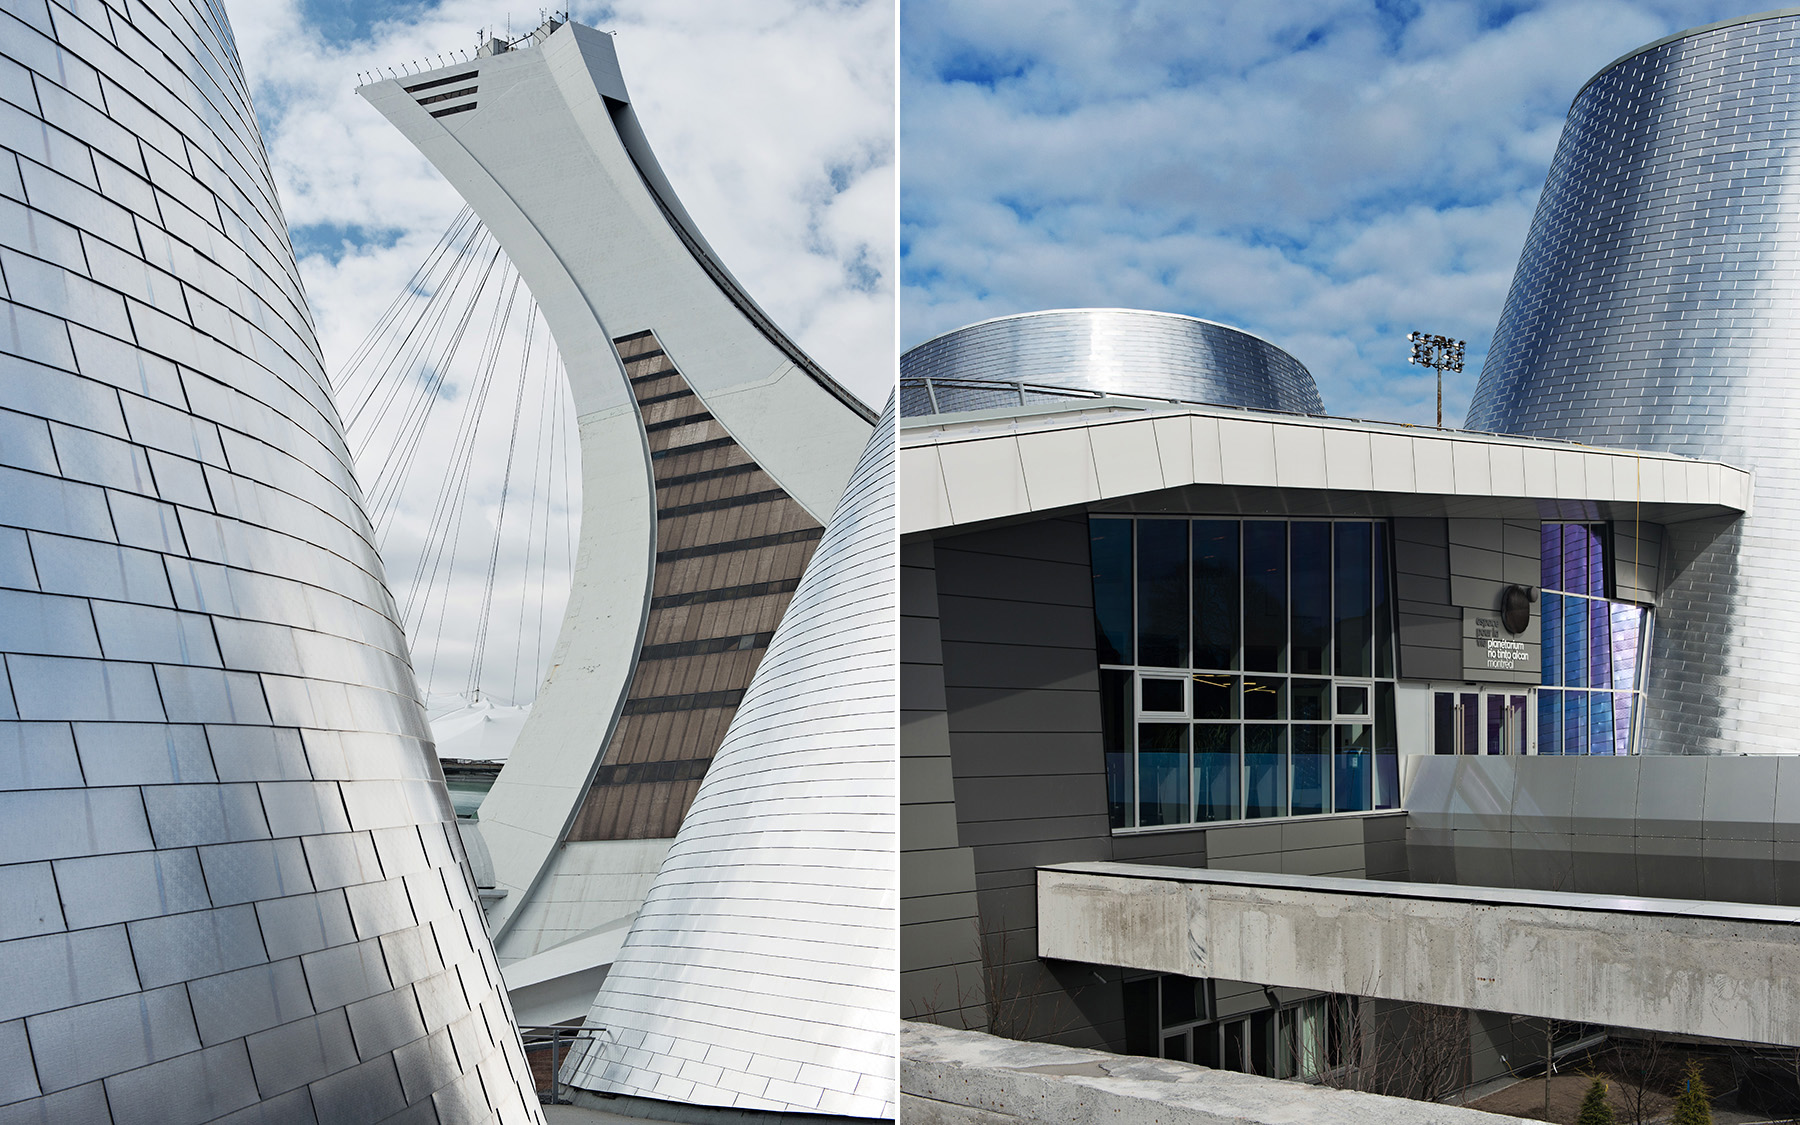 architectural-photography-montreal-planetarium-rio-tinto-alcan-001